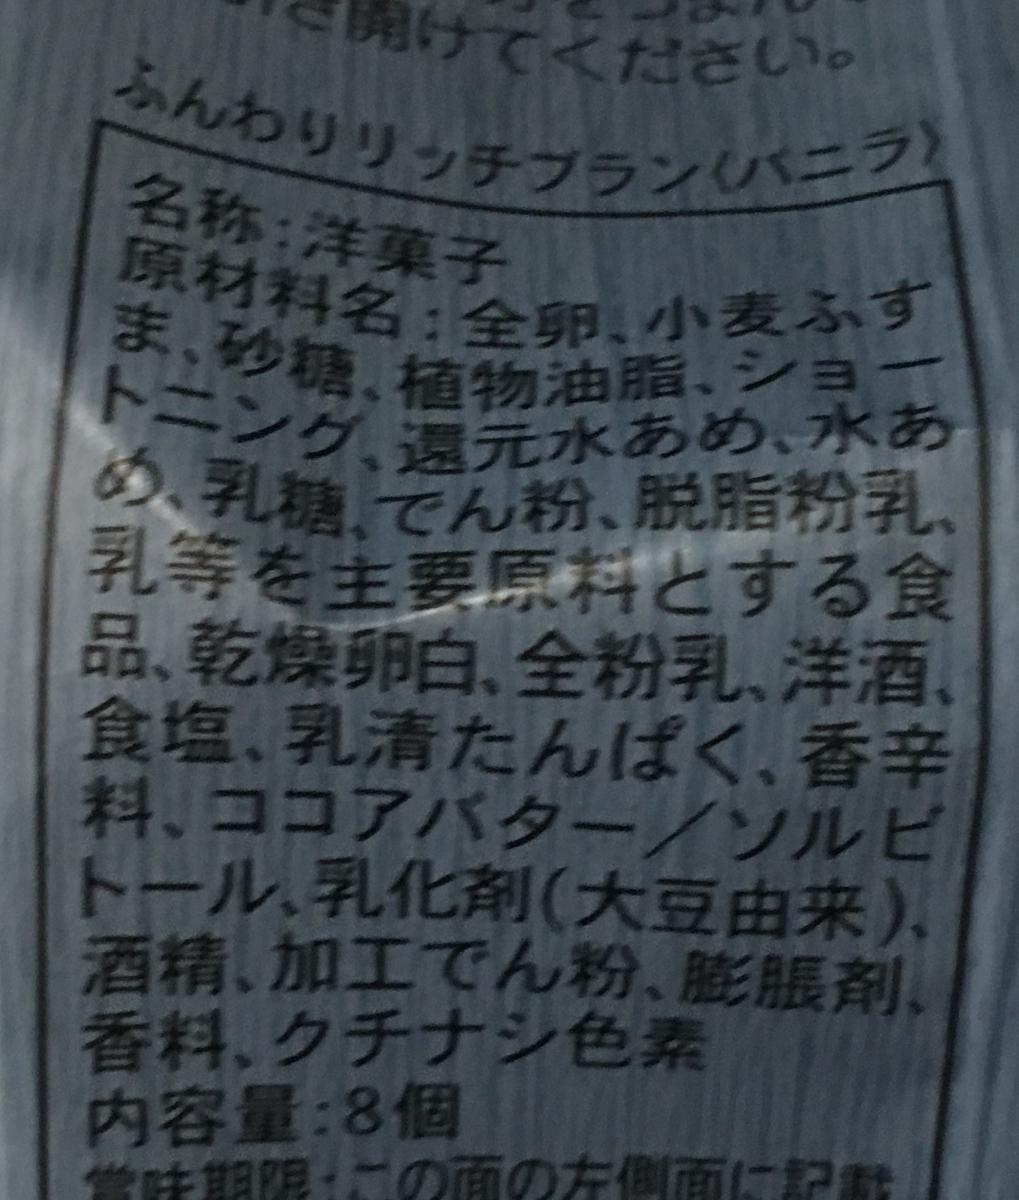 f:id:YOSHIO1010:20200314234631j:plain